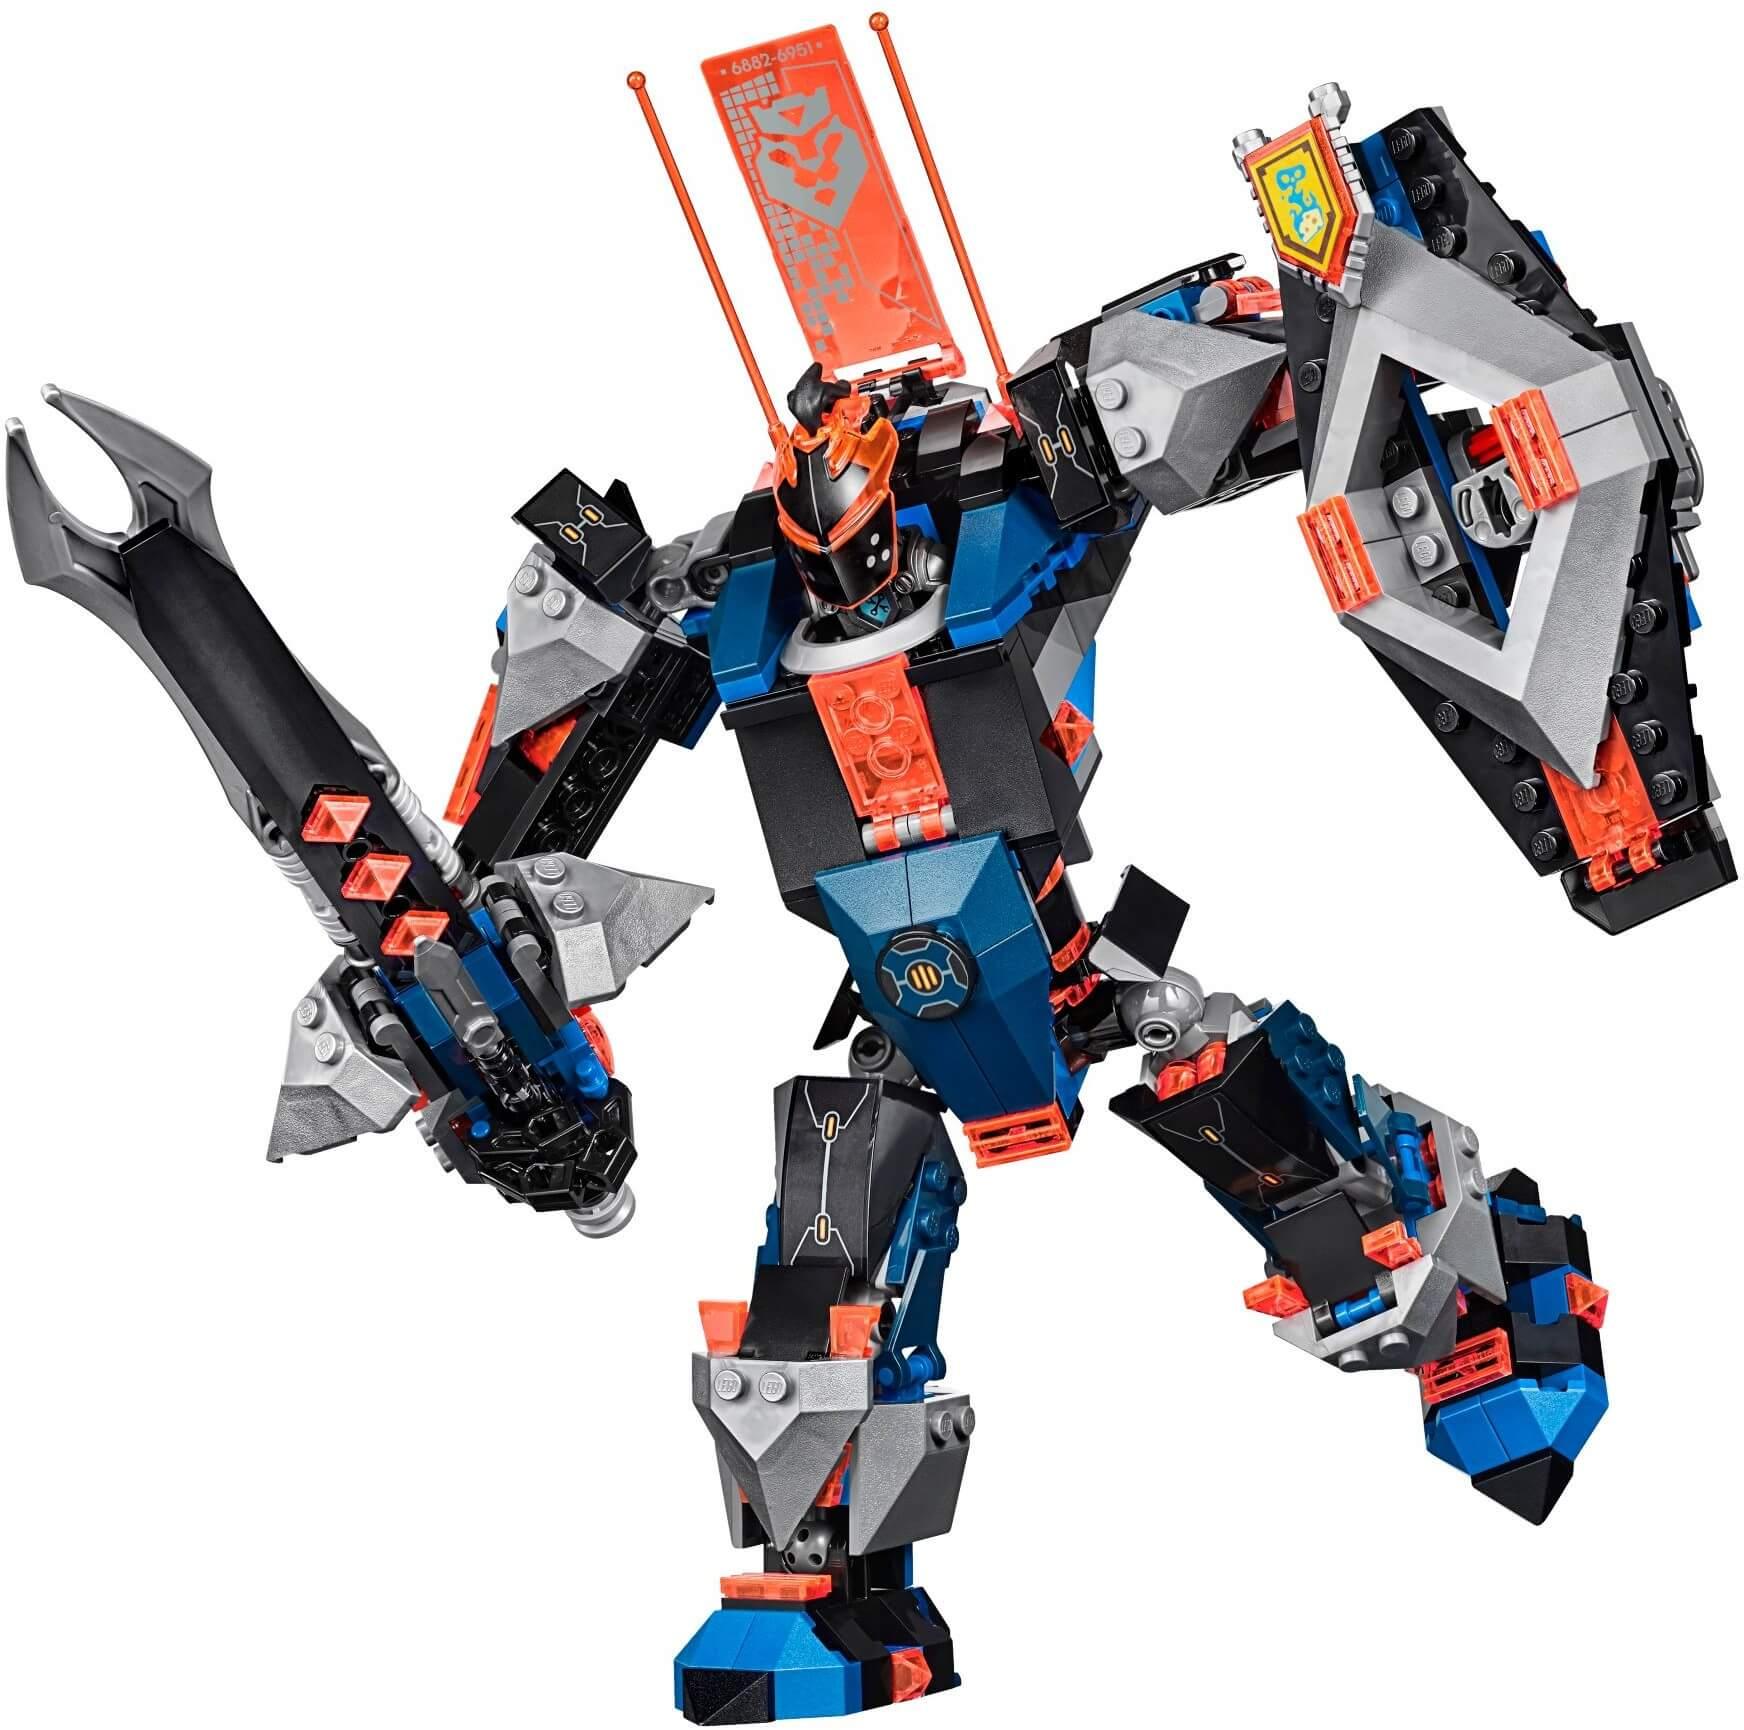 Mua đồ chơi LEGO 70326 - LEGO Nexo Knights 70326 - Hiệp Sĩ Máy Khổng Lồ của Robin (LEGO Nexo Knights The Black Knight Mech 70326)